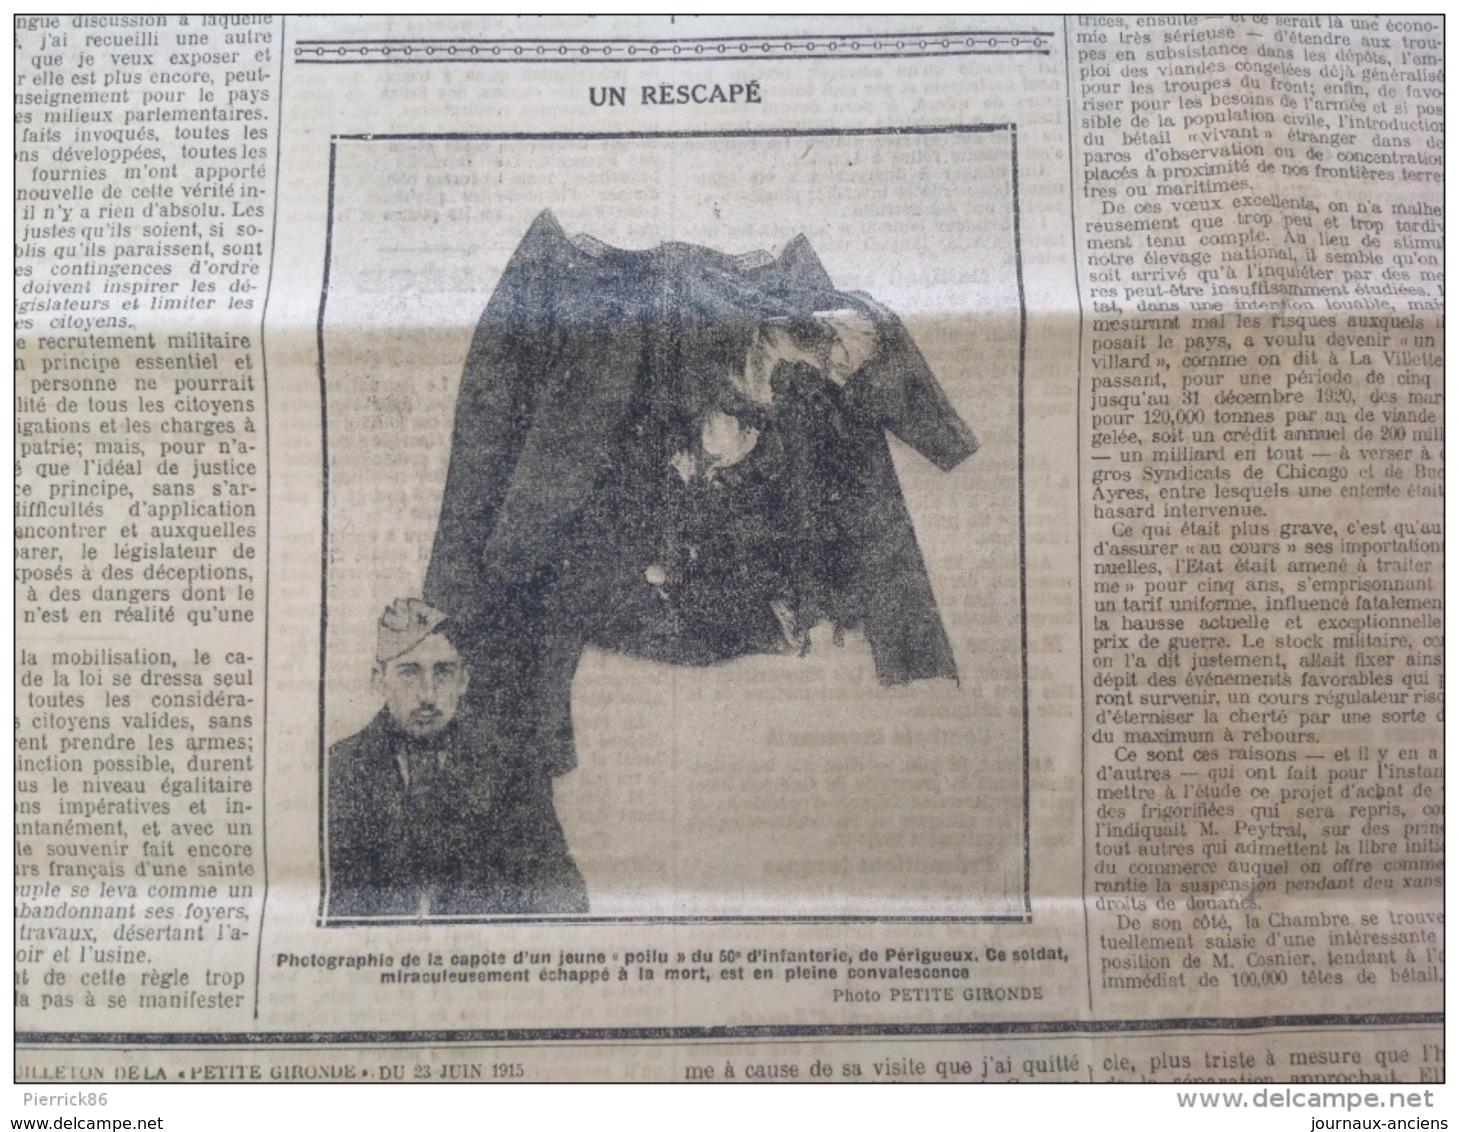 WW1 LA PETITE GIRONDE Du 23 Juin 1915 L'ART SUR LE FRONT / UN RESCAPÉ DE PERIGUEUX / A LONDRES - Revues & Journaux